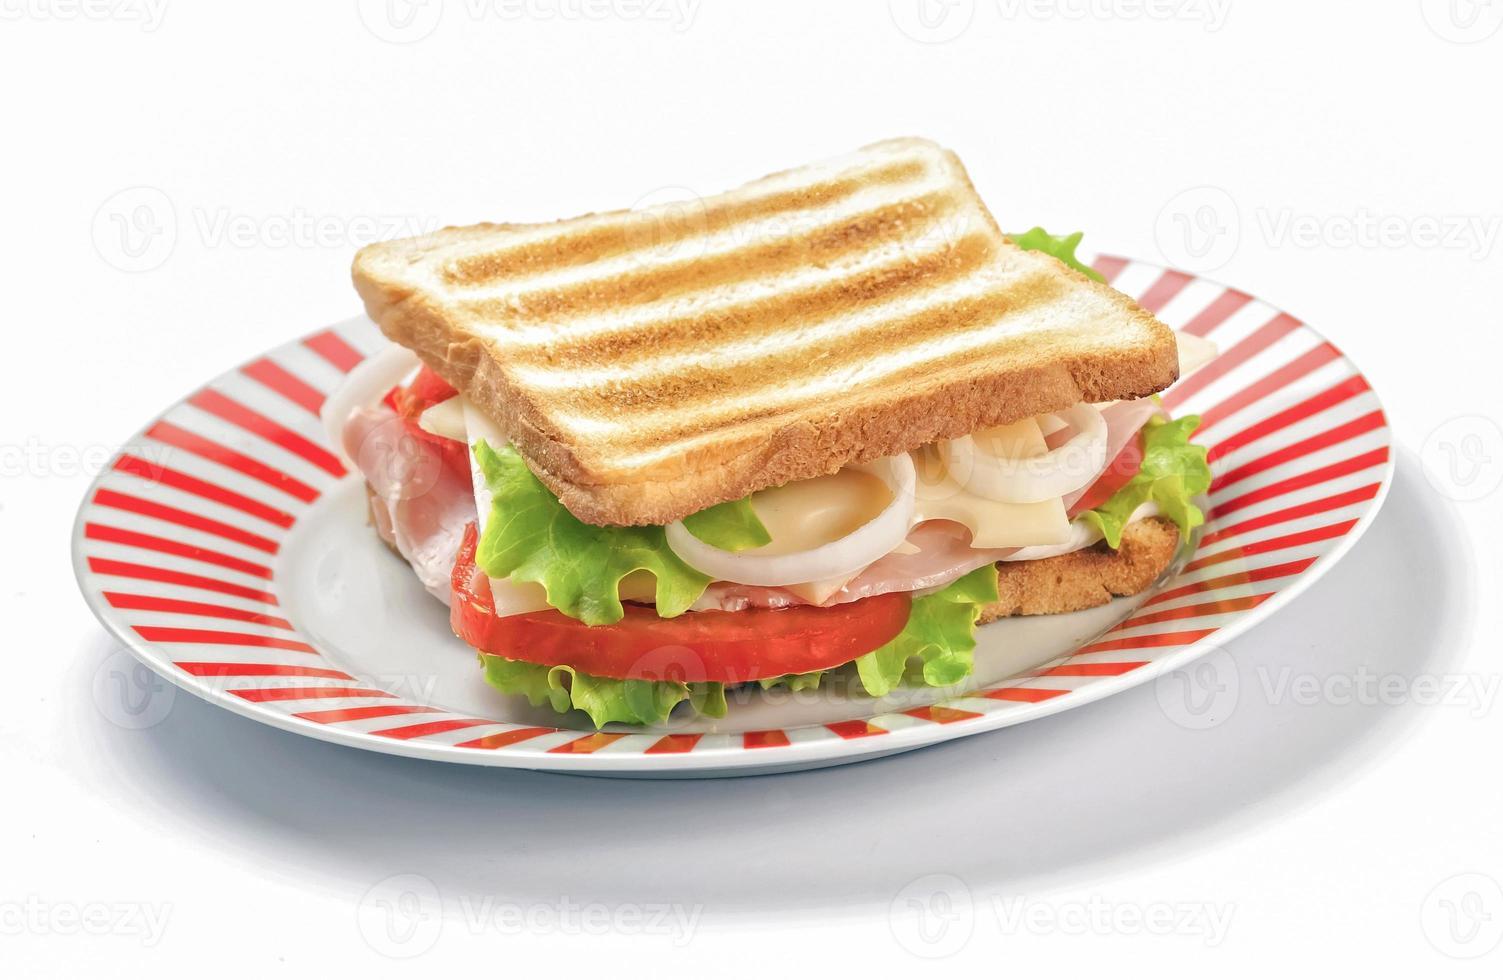 gegrilltes Sandwich auf weißem Hintergrund foto